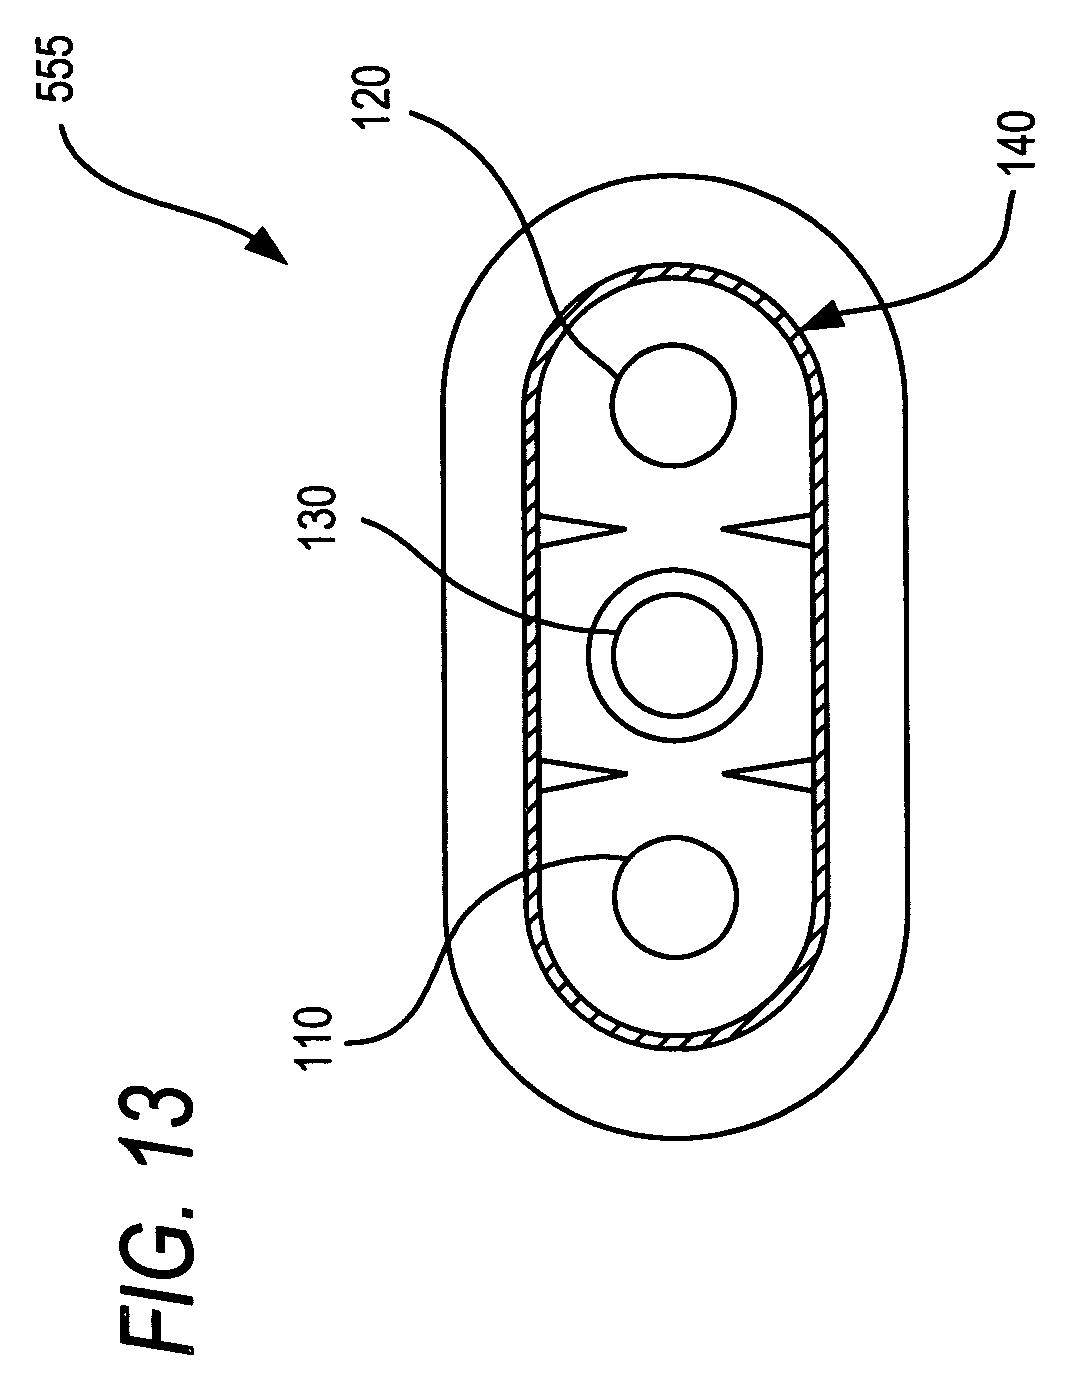 patent us7136266